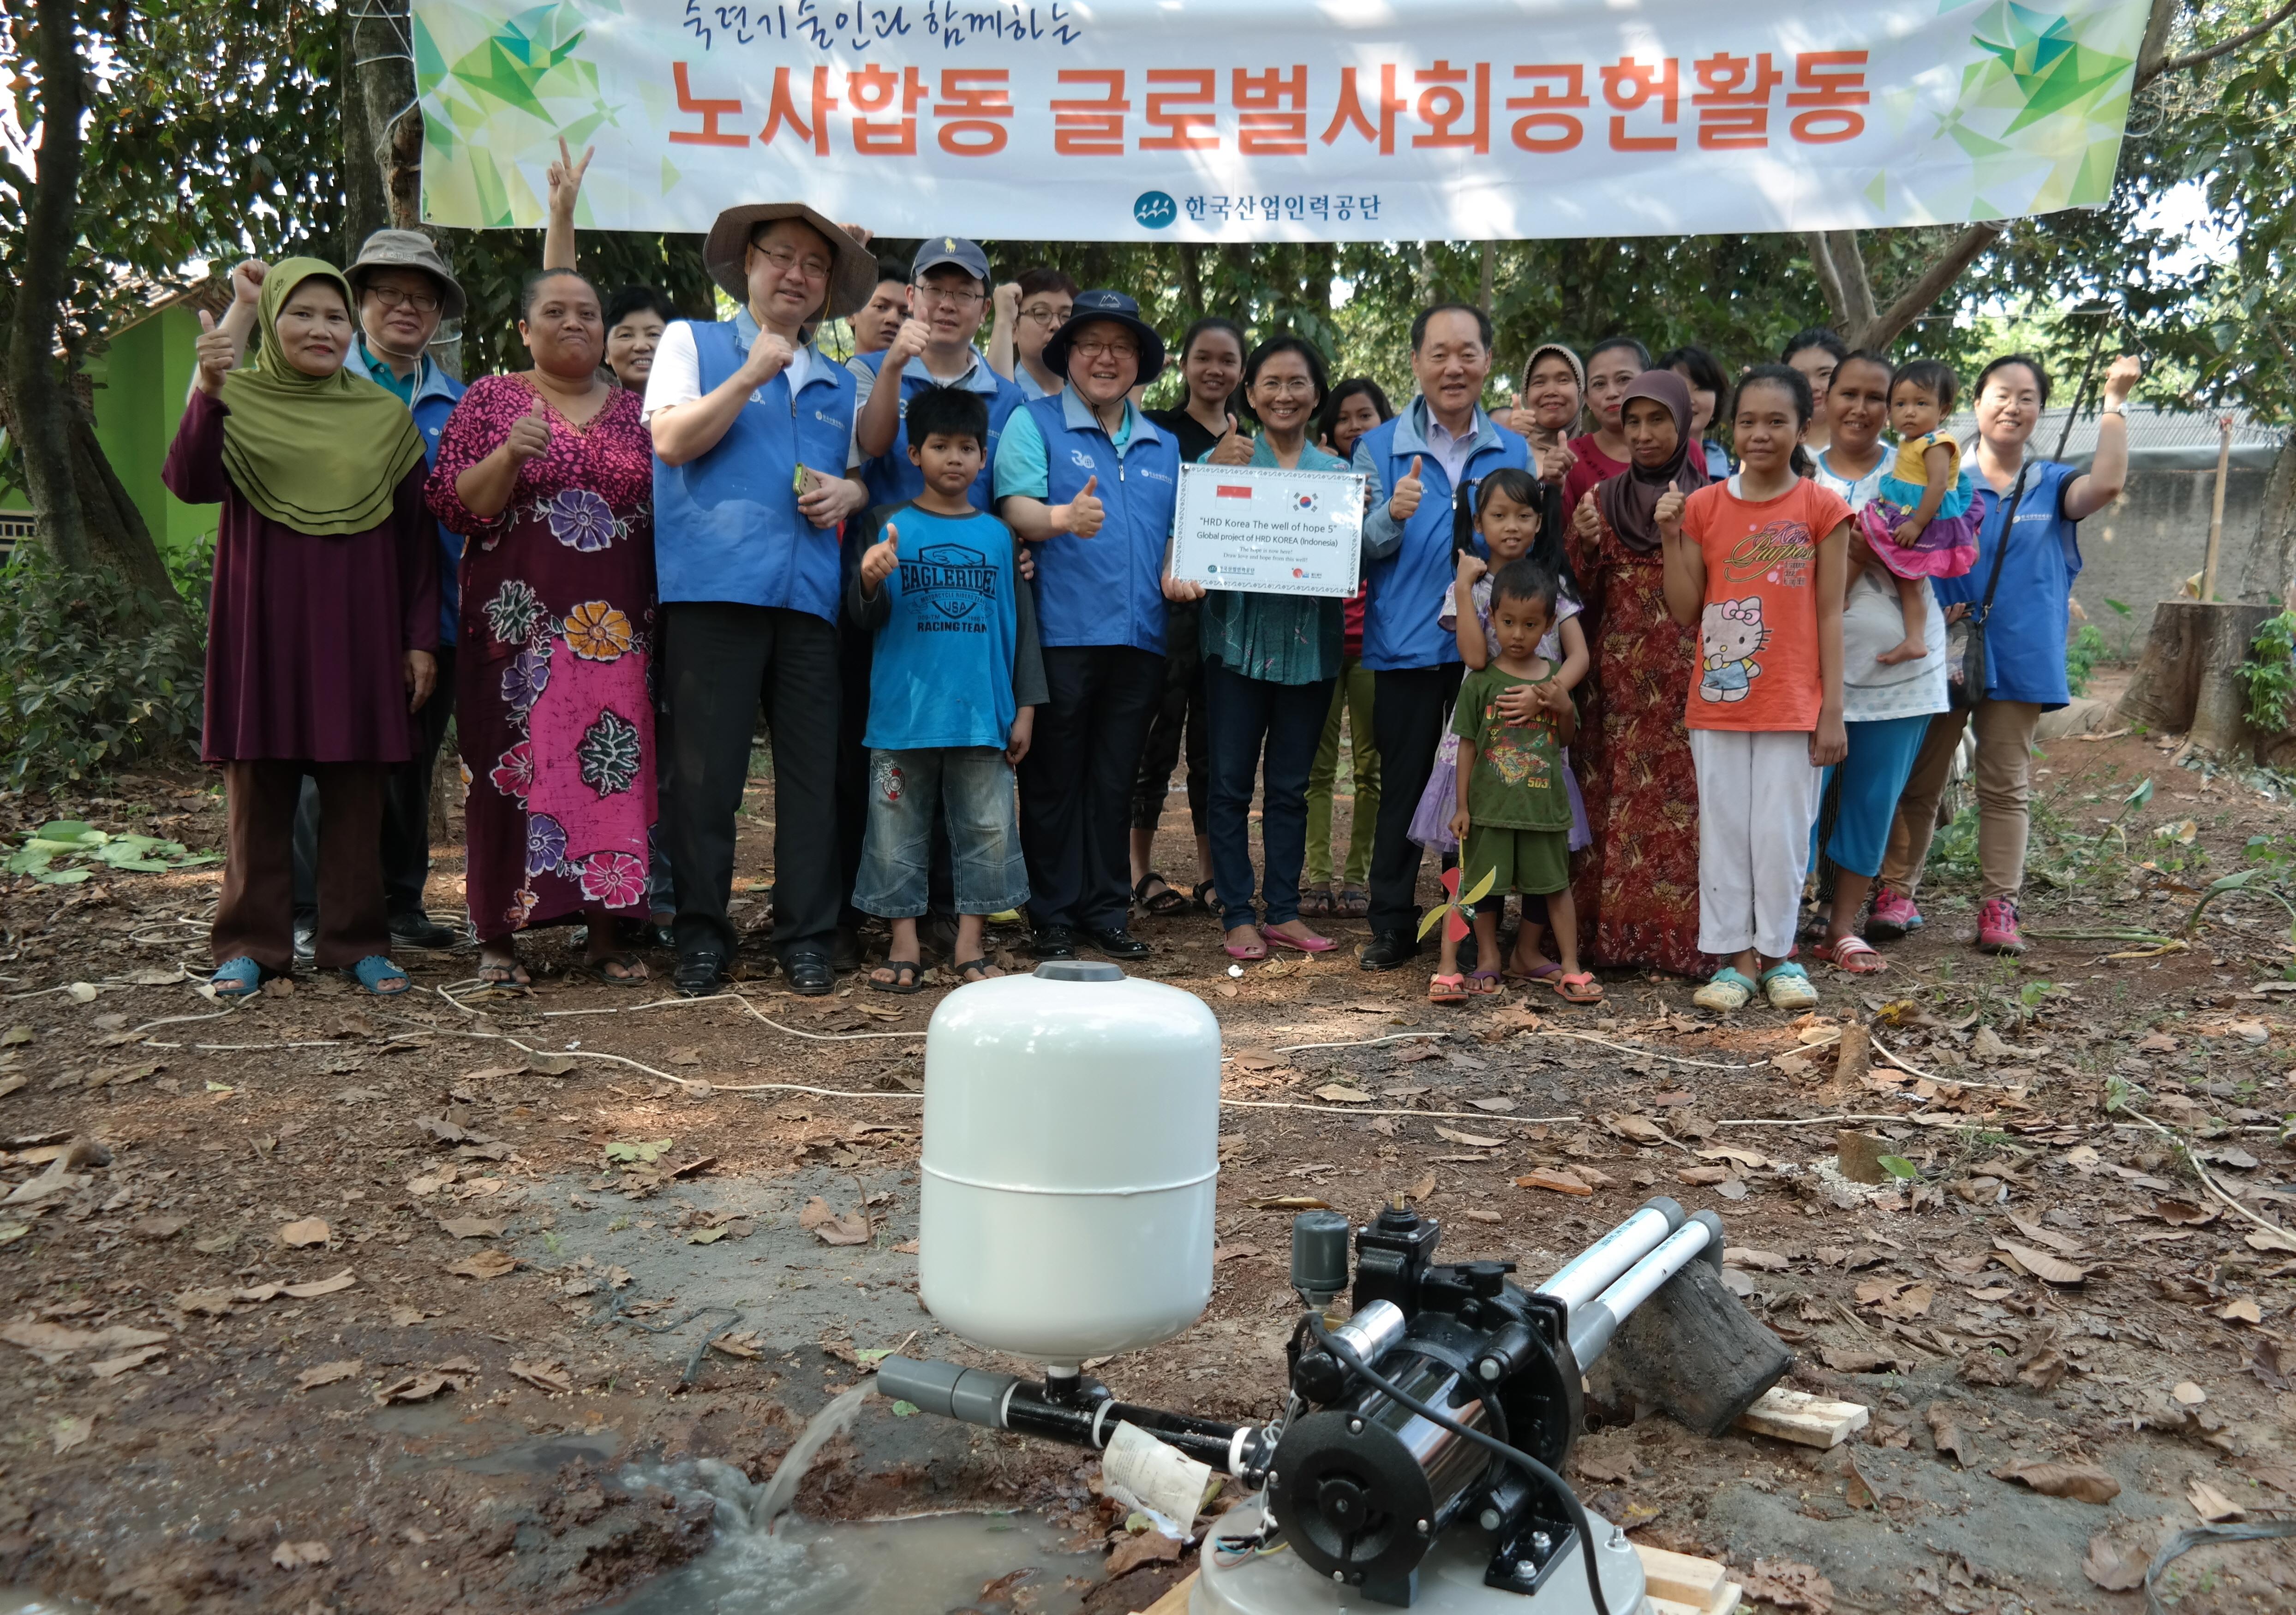 노사합동 글로벌사회공헌활동(인도네시아)